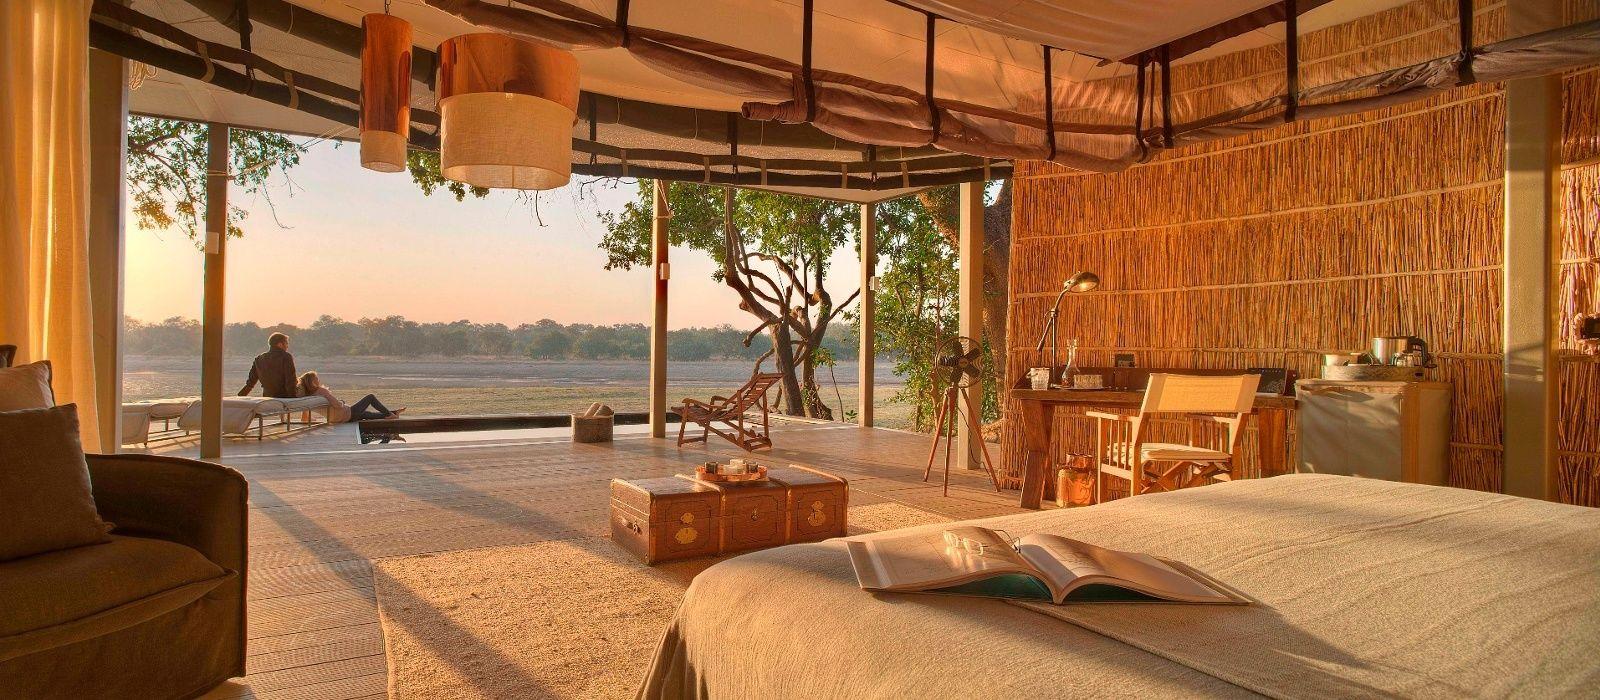 Hotel Chinzombo Lodge Sambia